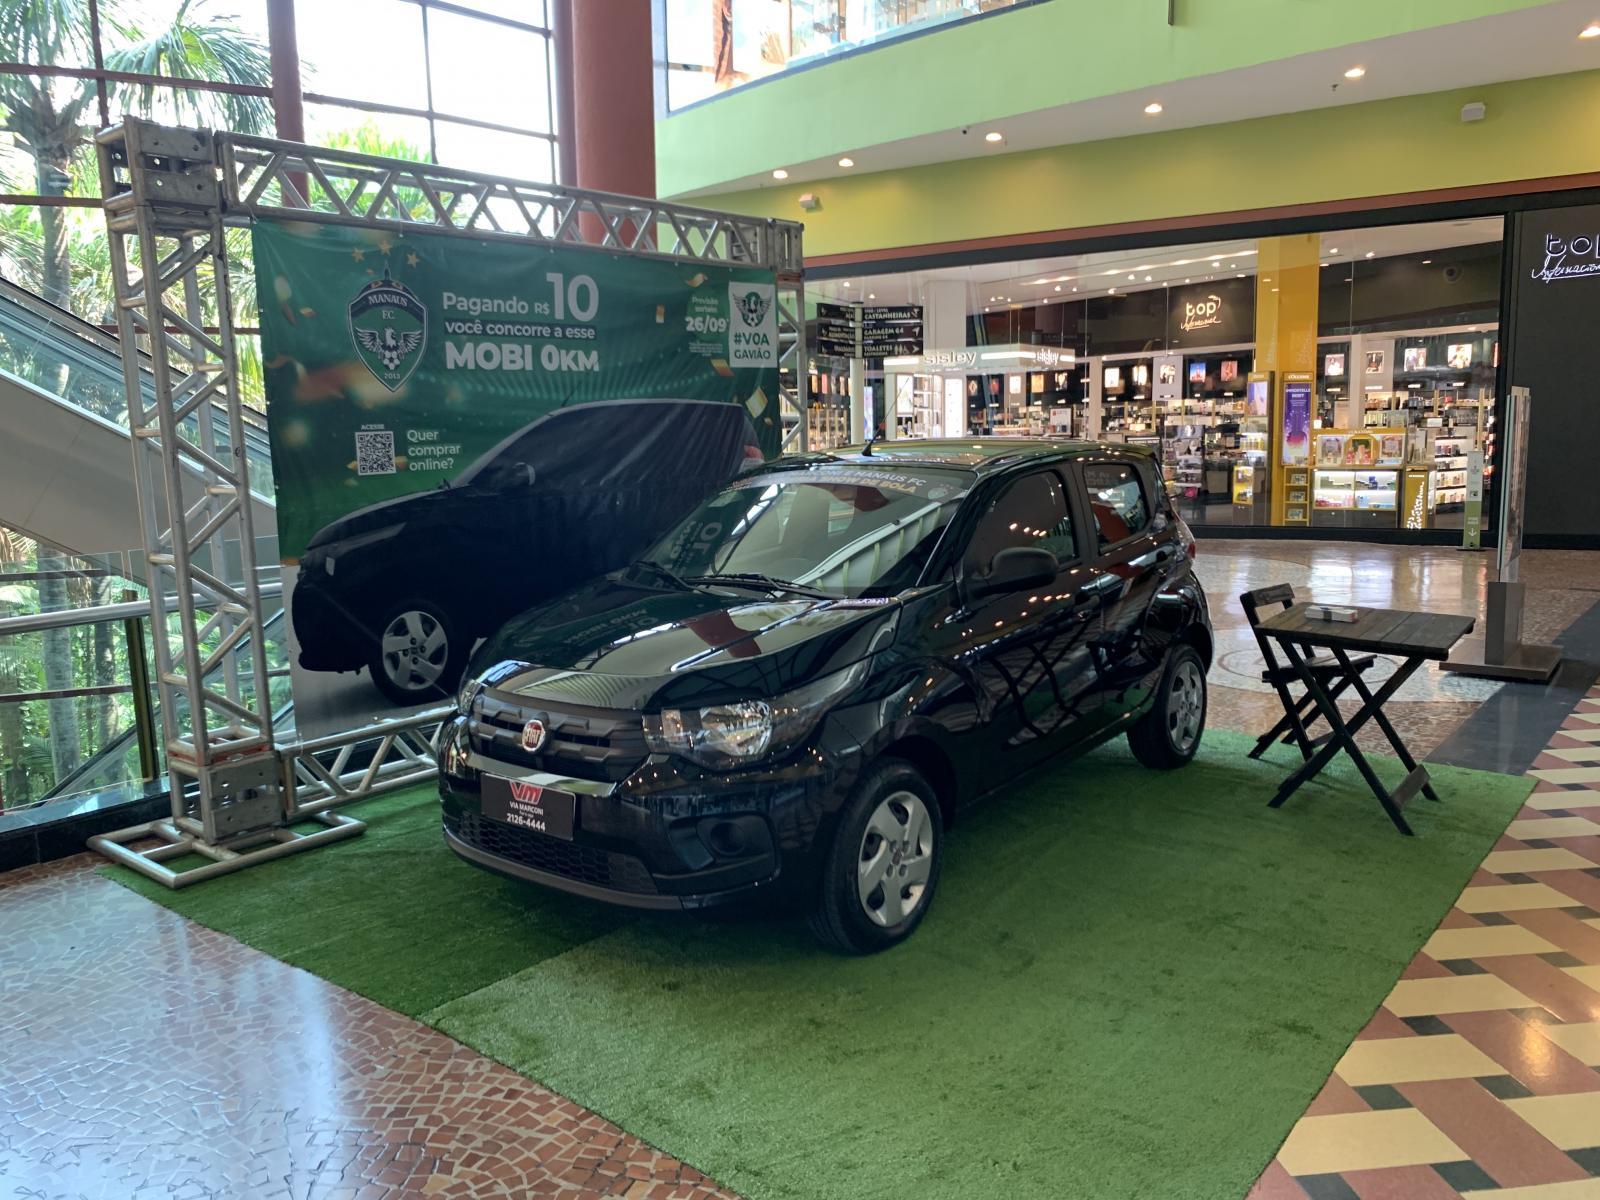 Carro zero km que será rifado pelo MANAUSFC ficará em exposição no Manauara Shopping